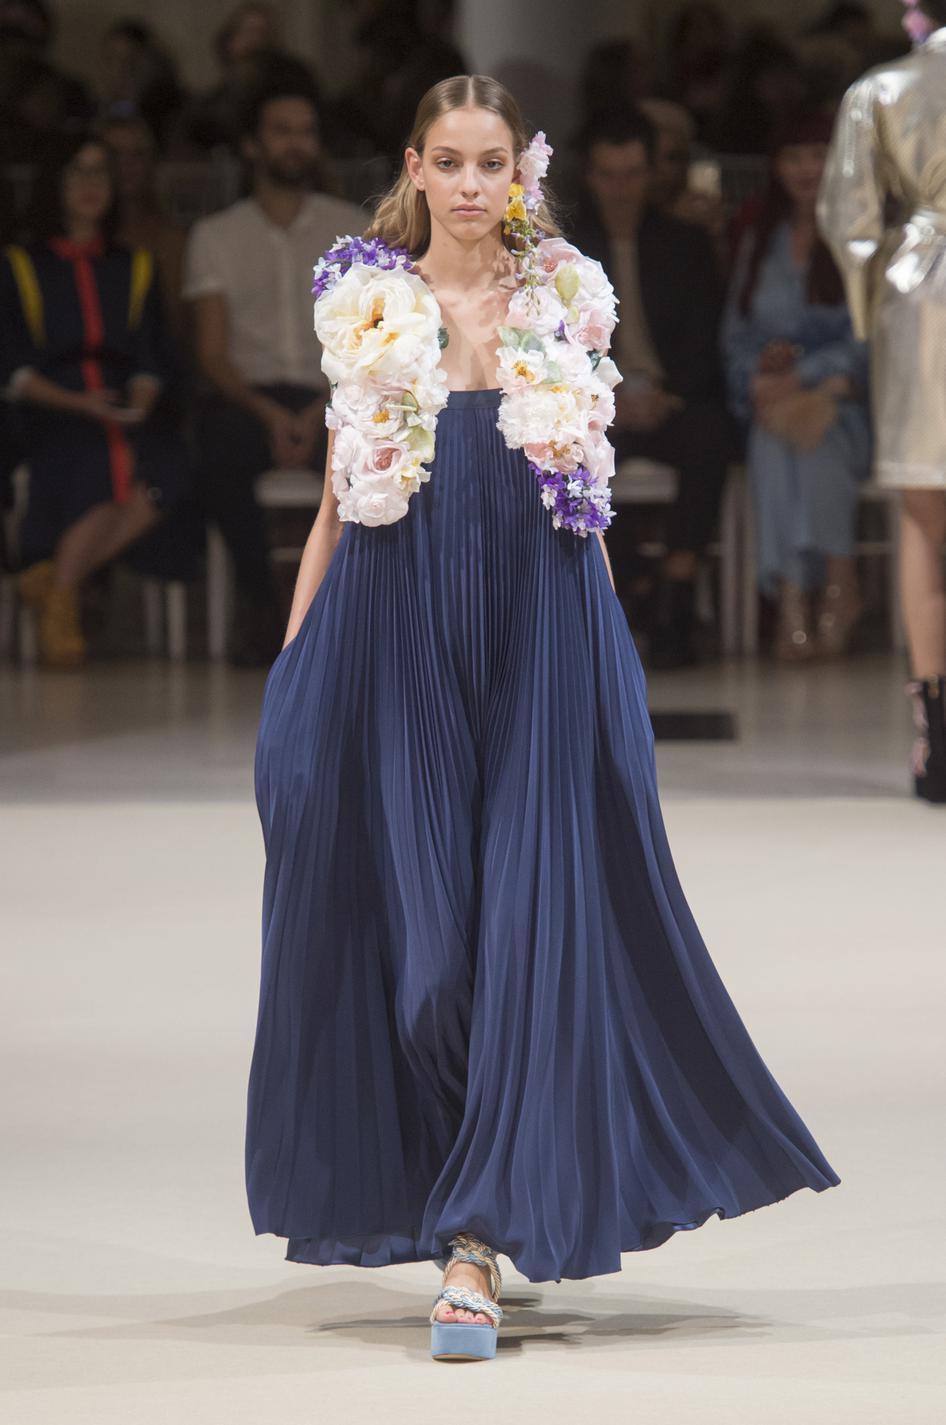 ... Les plus belles robes du soir de la Fashion Week printemps-été 2018 -  Alexis Mabille ... a7c53f619aa